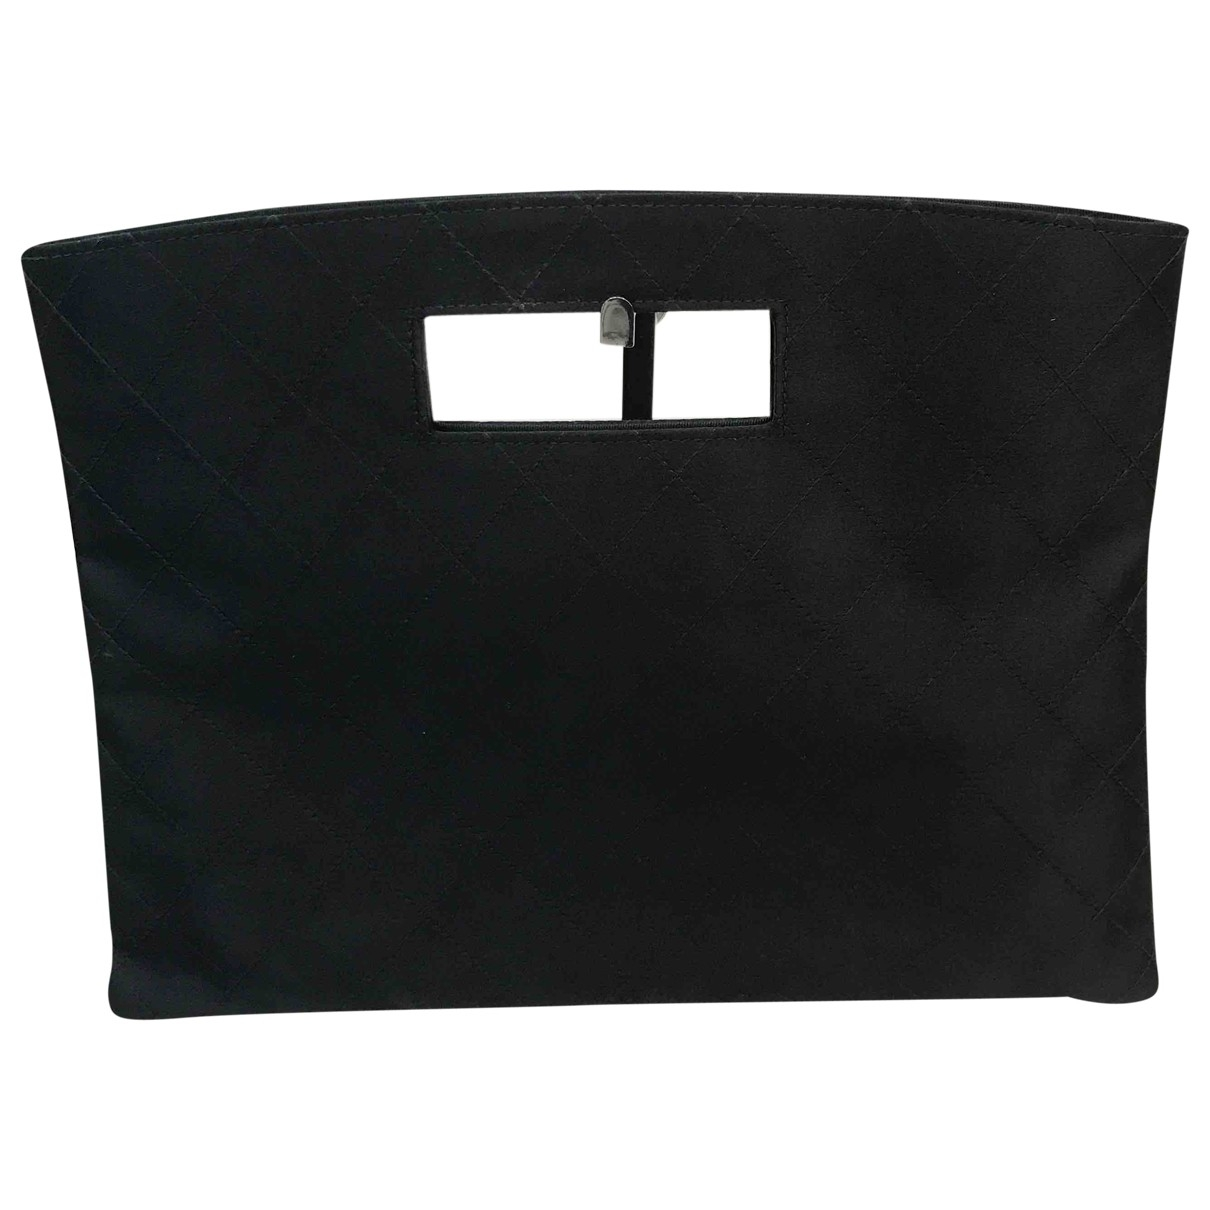 Chanel \N Black Silk Clutch bag for Women \N